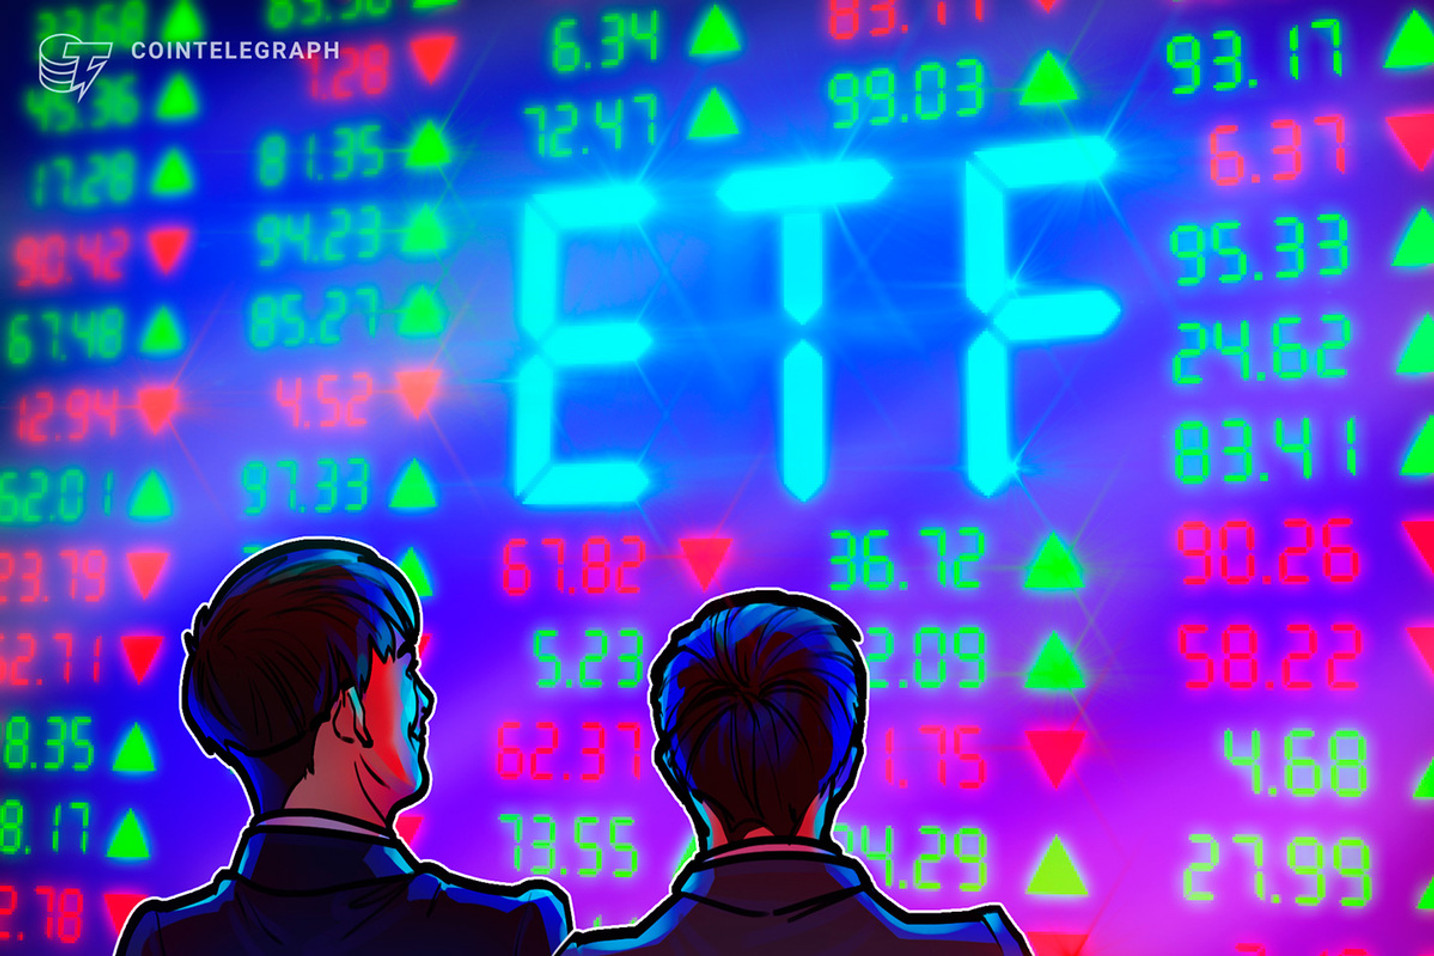 ETF(上場投資信託)とは? メリット・デメリットなどわかりやすく解説